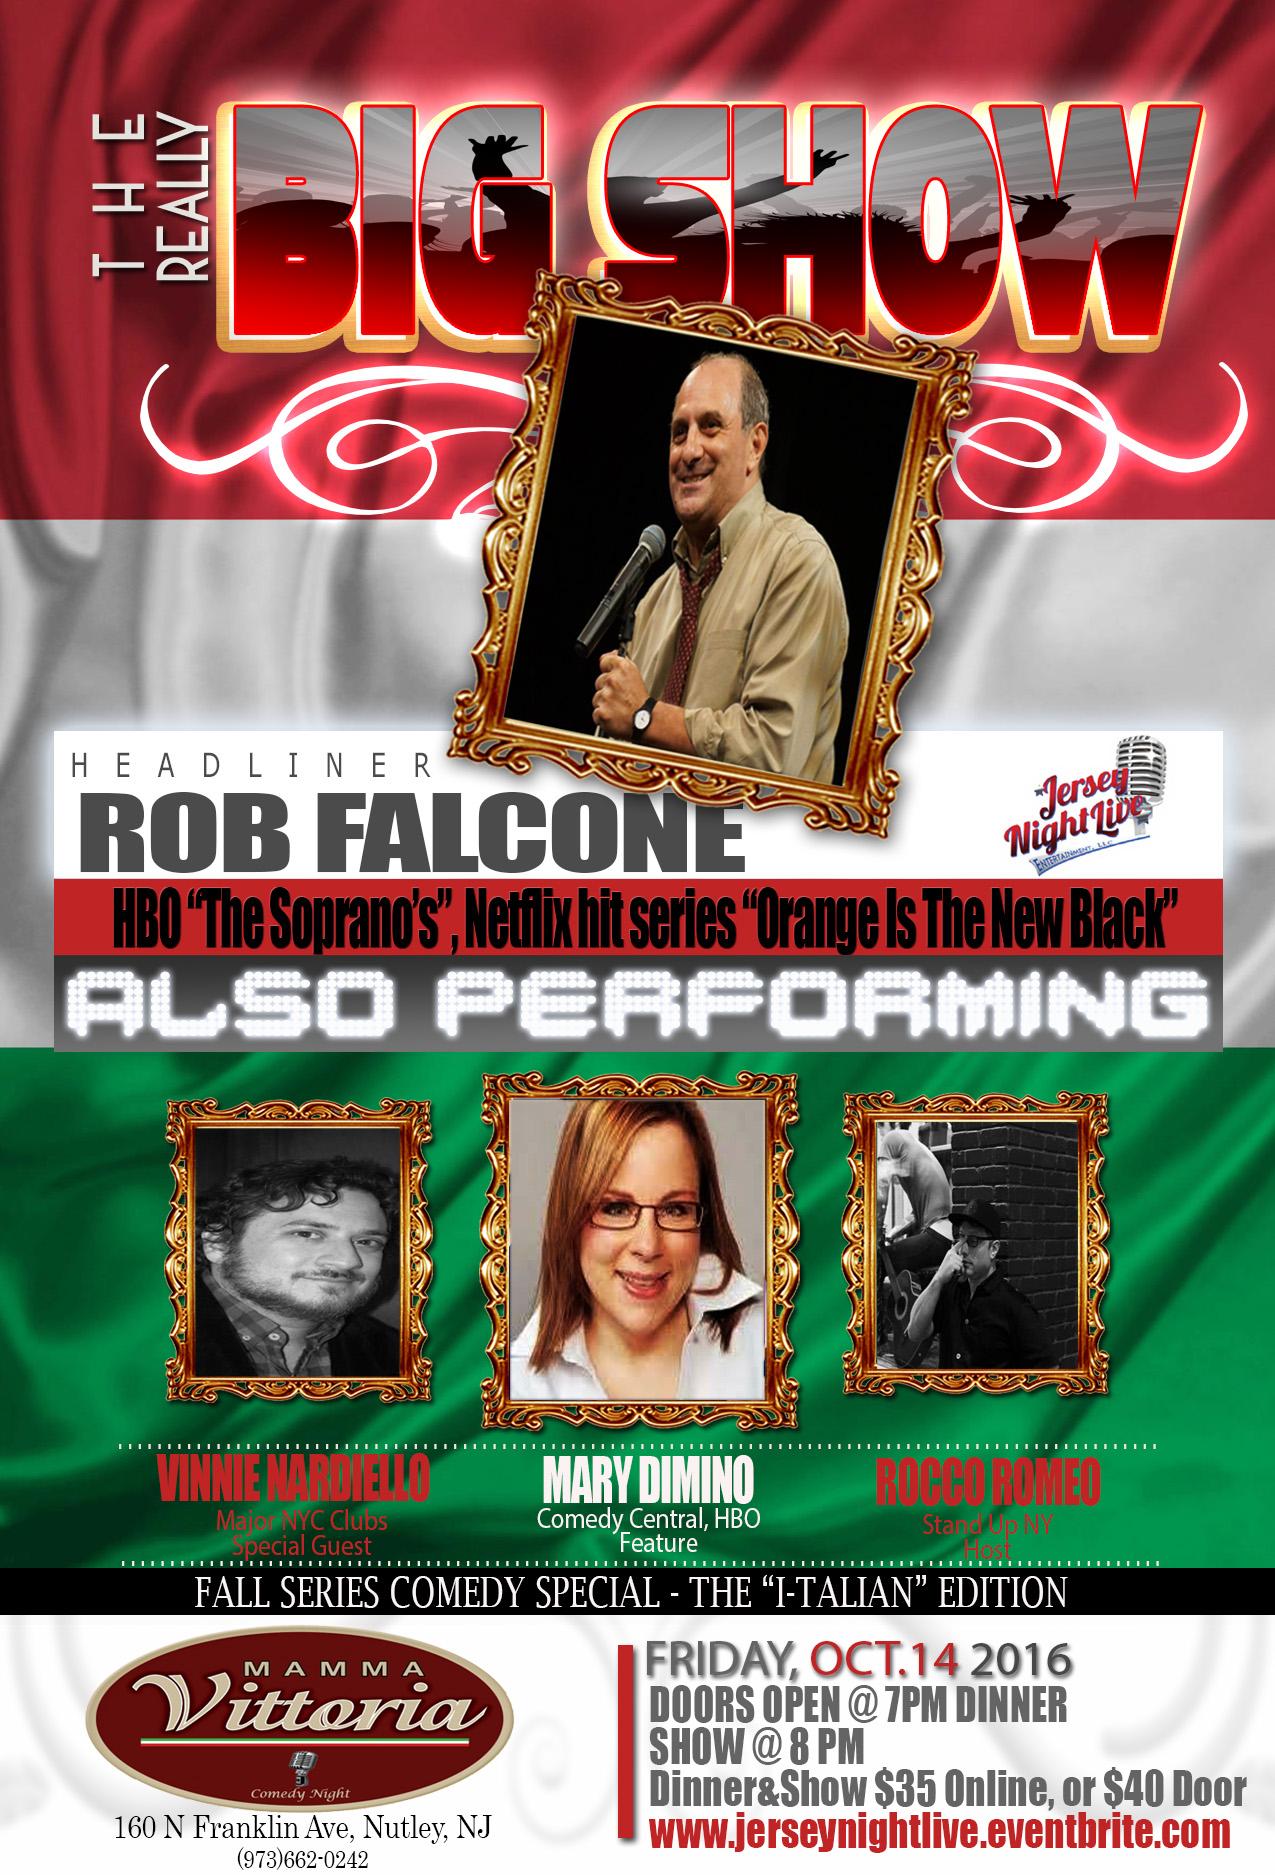 Rob-Falcone-show-10142016-v2-FB-Promo